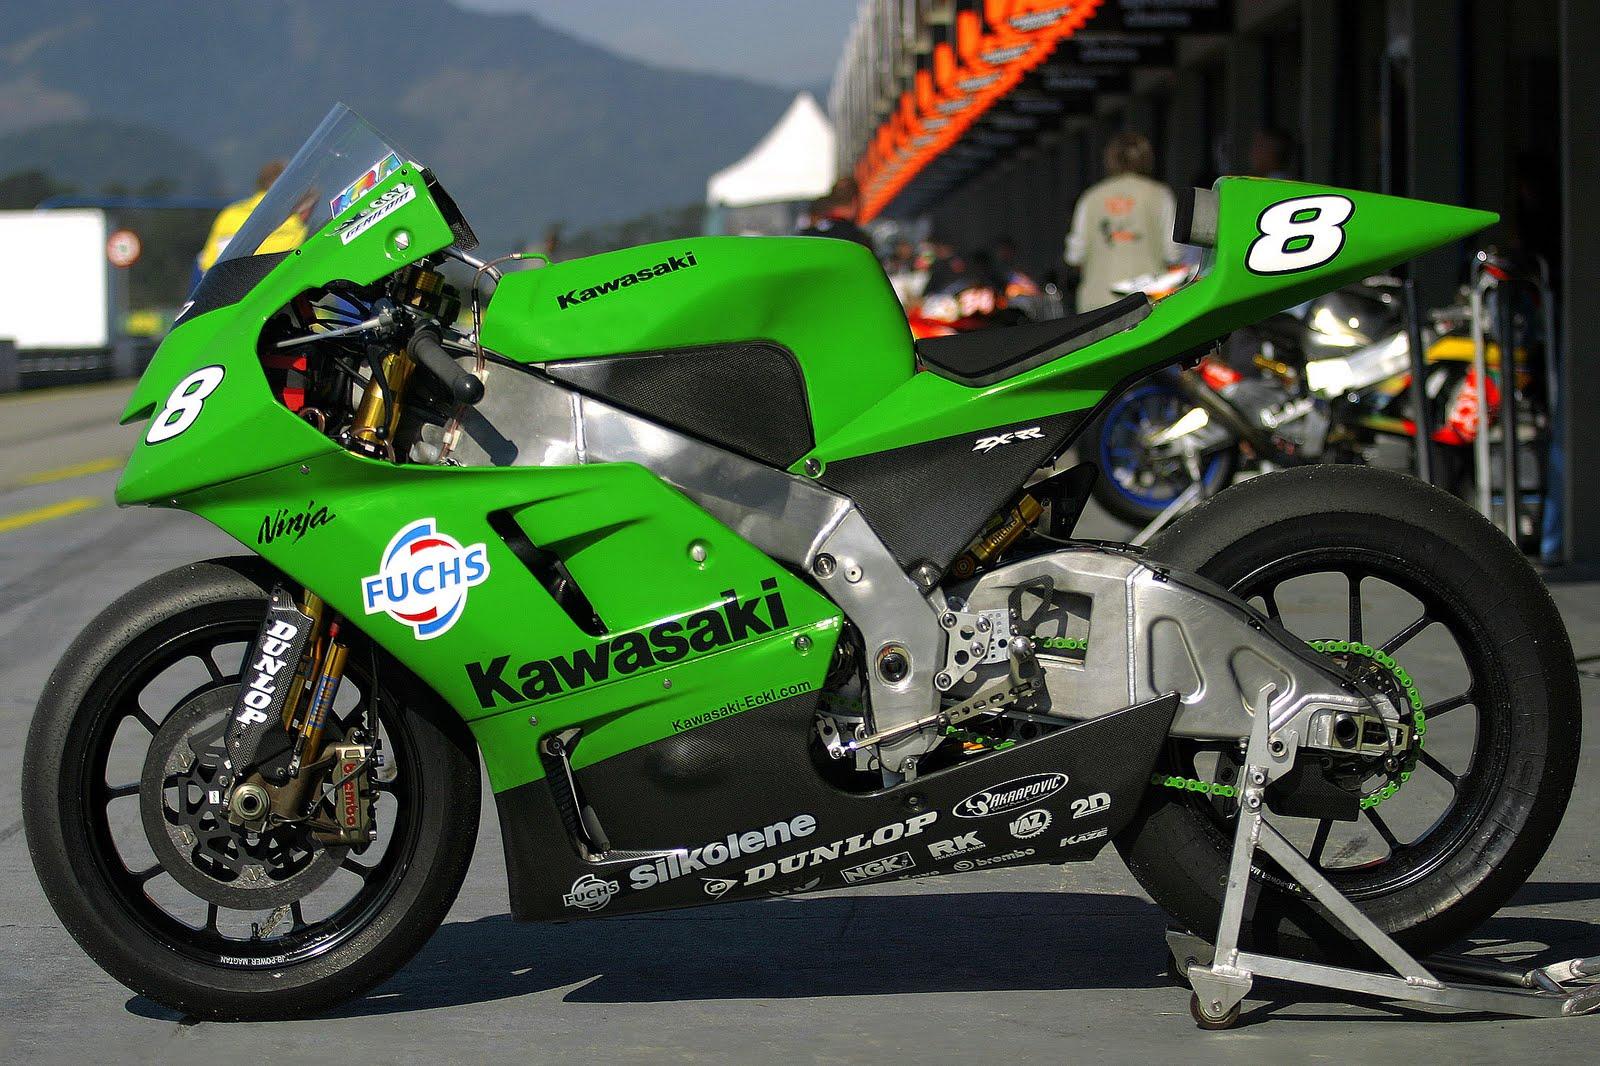 Kawasaki Zxrr For Sale